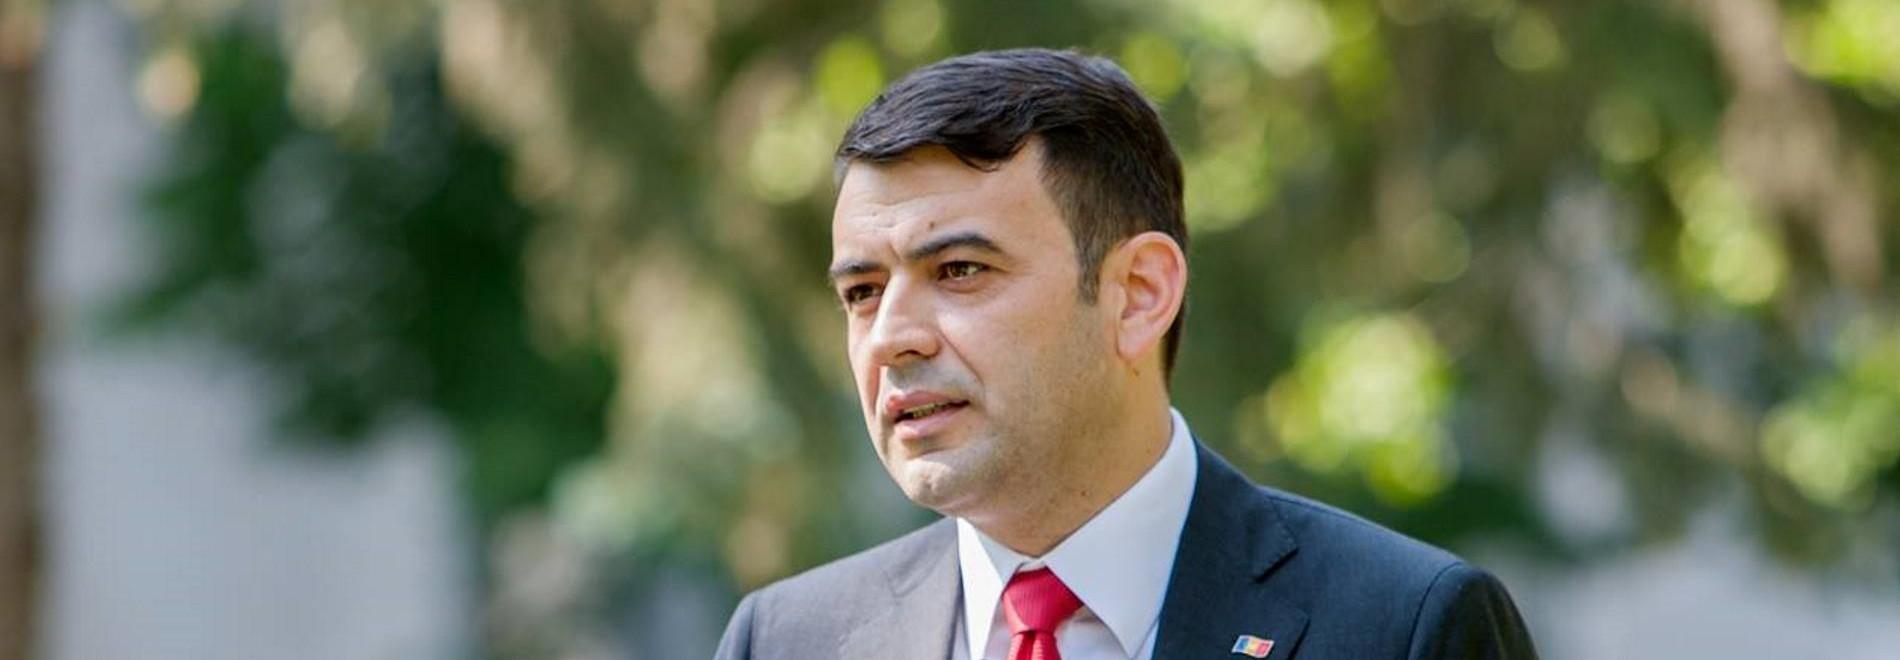 PODNIO OSTAVKU Nakon ispitivanja državnog odvjetništva o autentičnosti diplome moldavijski premijer dao ostavku